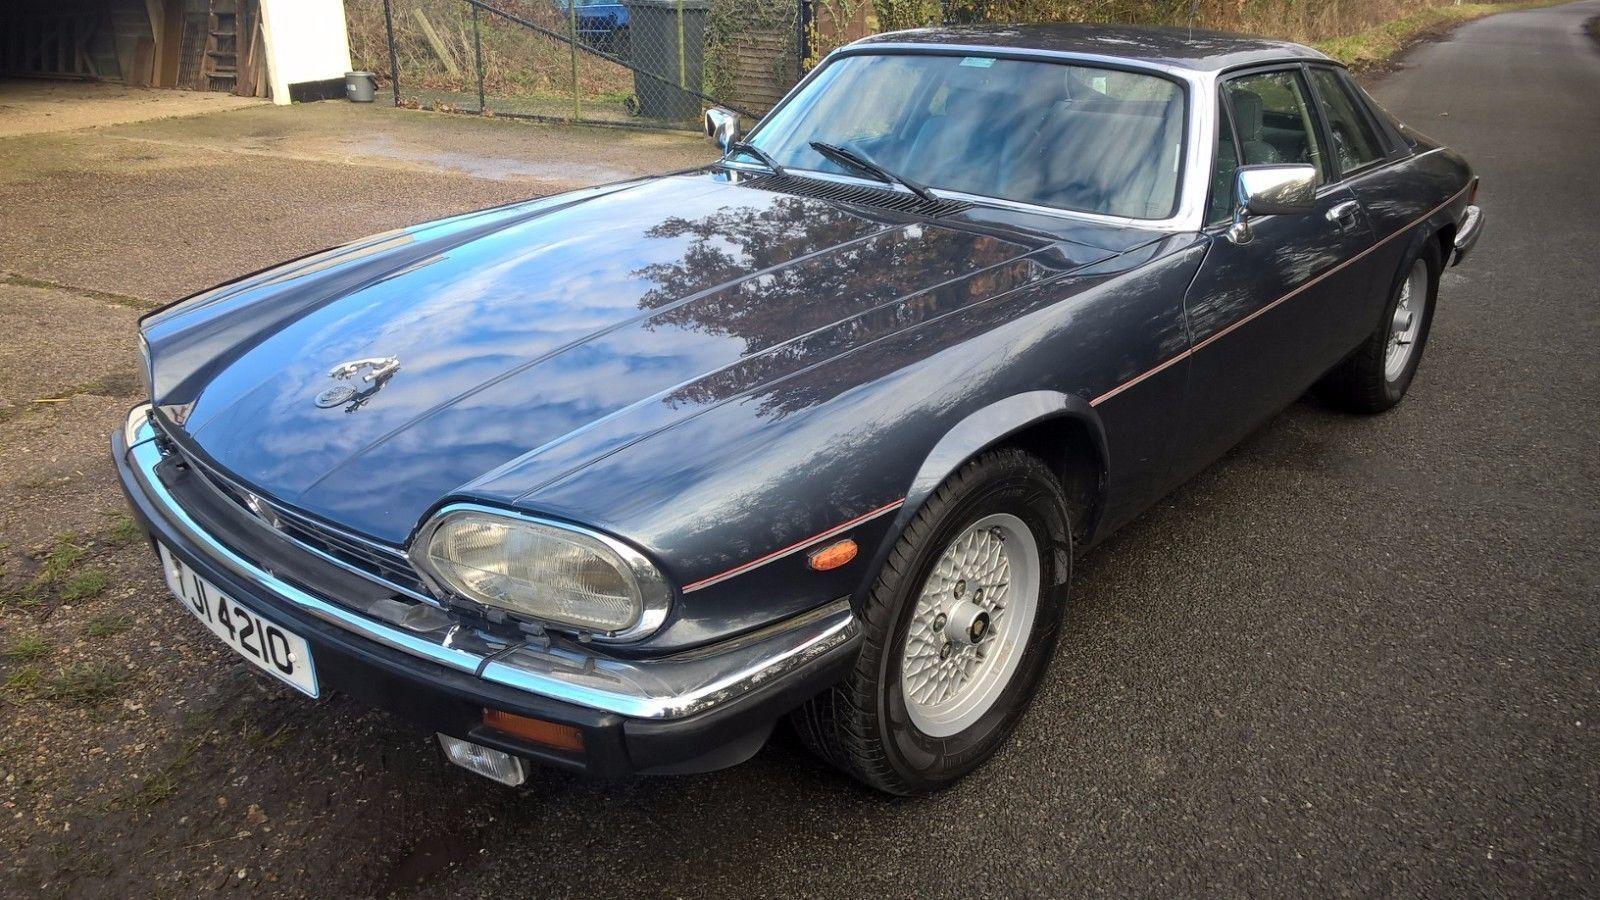 1987 Jaguar Xjs 5 3 V12 He Auto No Reserve Jaguar Jaguar Car Classic Cars